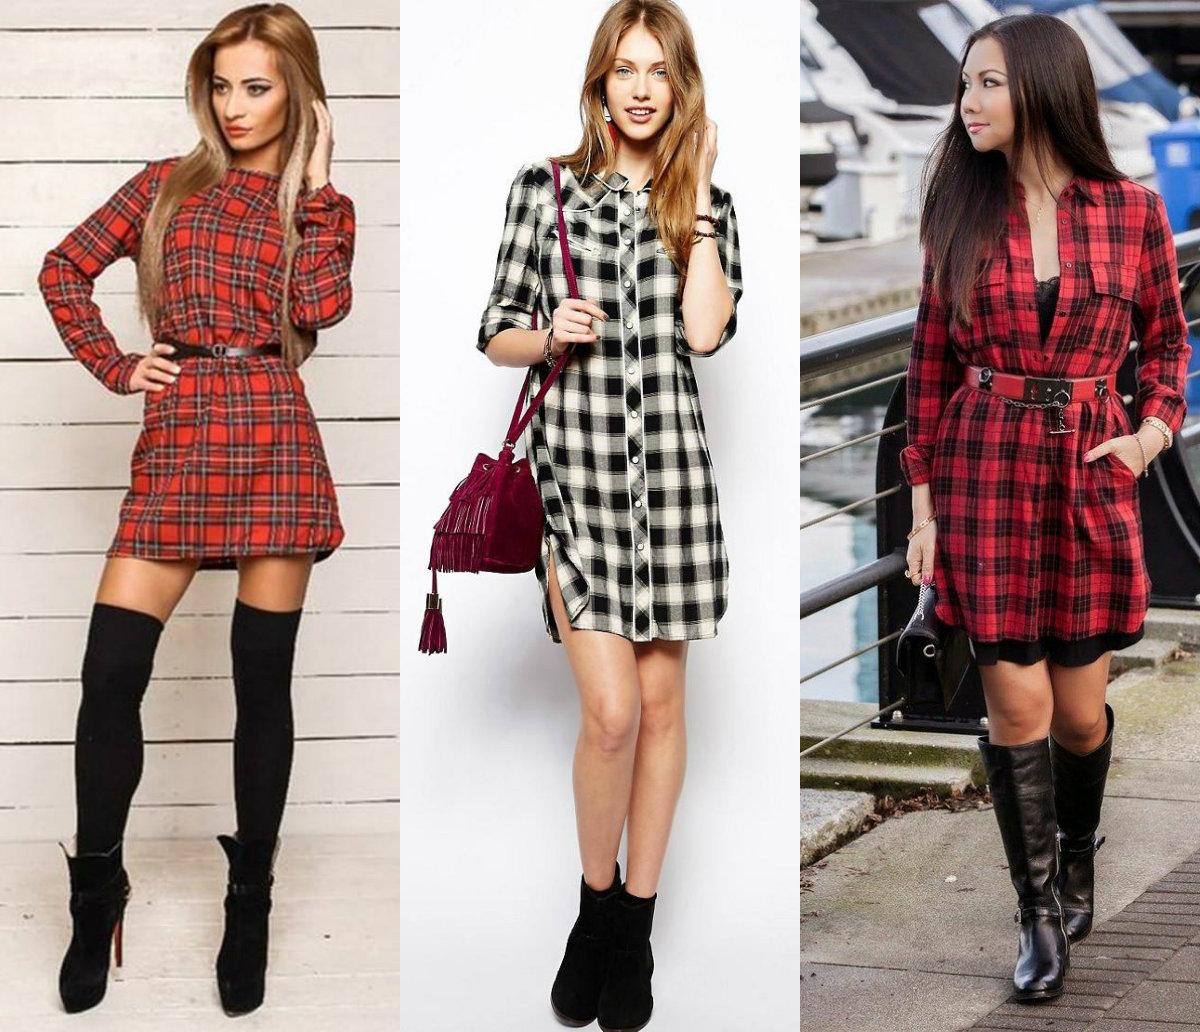 женская мода 2019 : платья в клетку